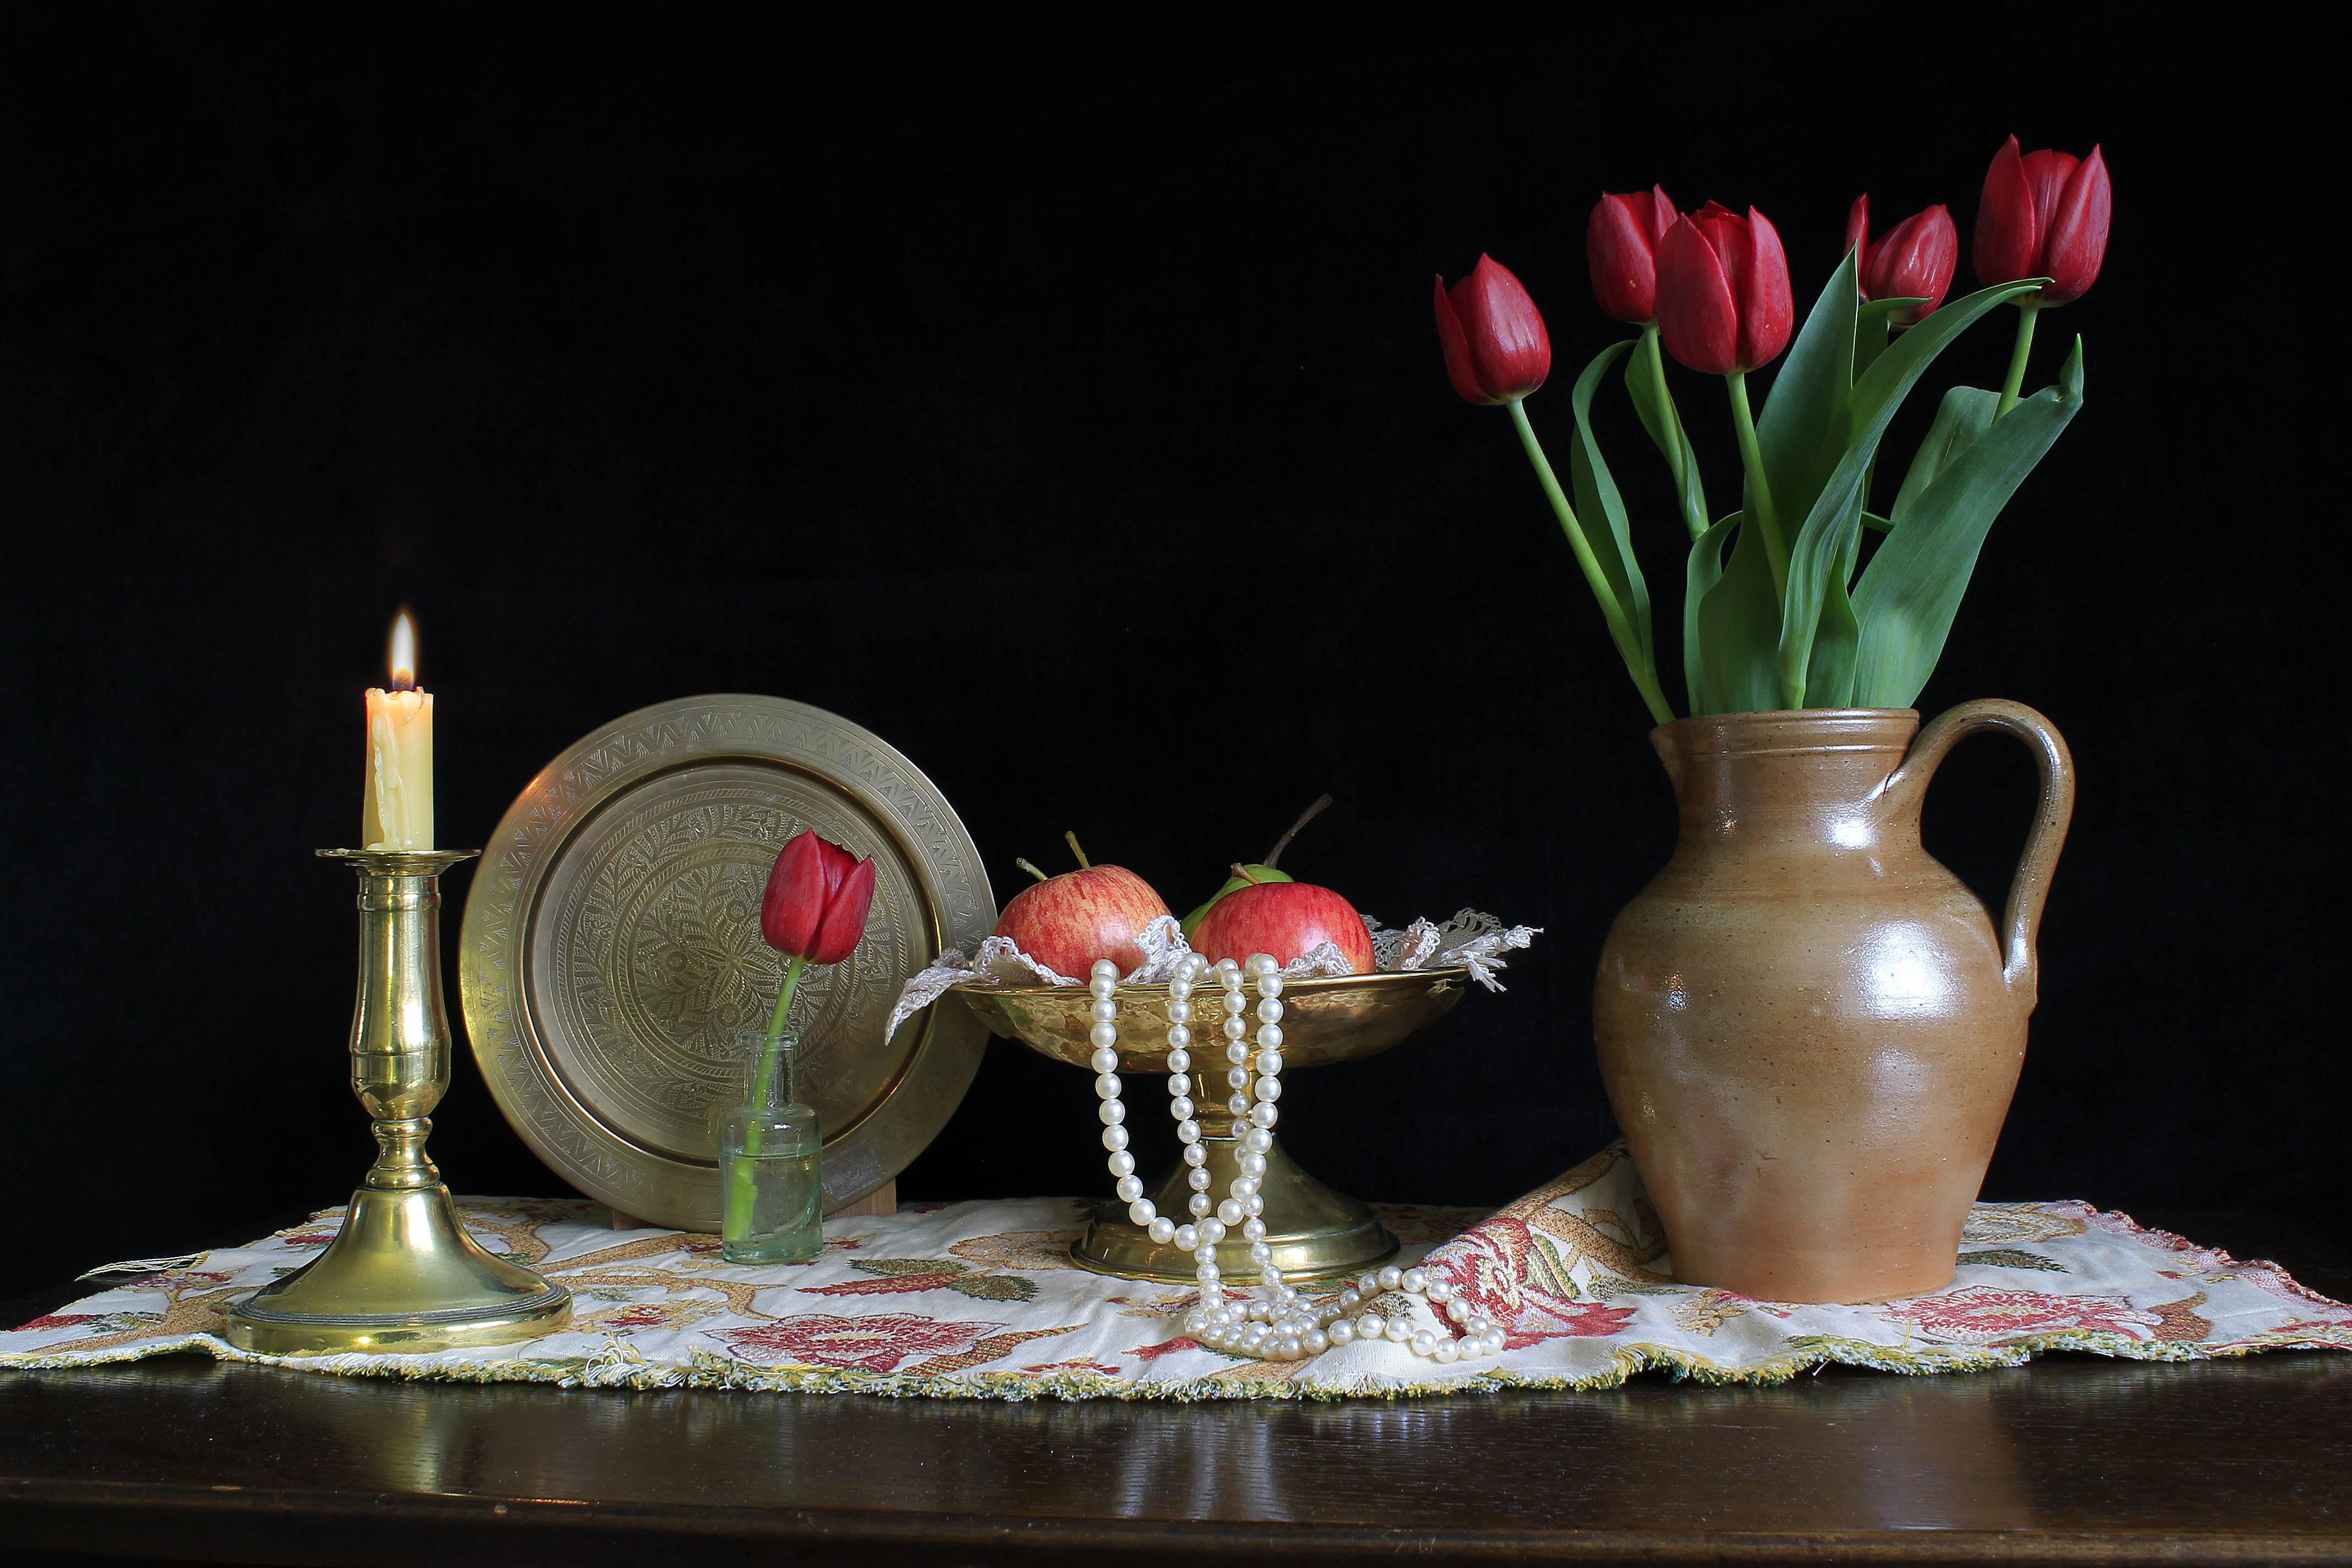 свеча, стол, ваза